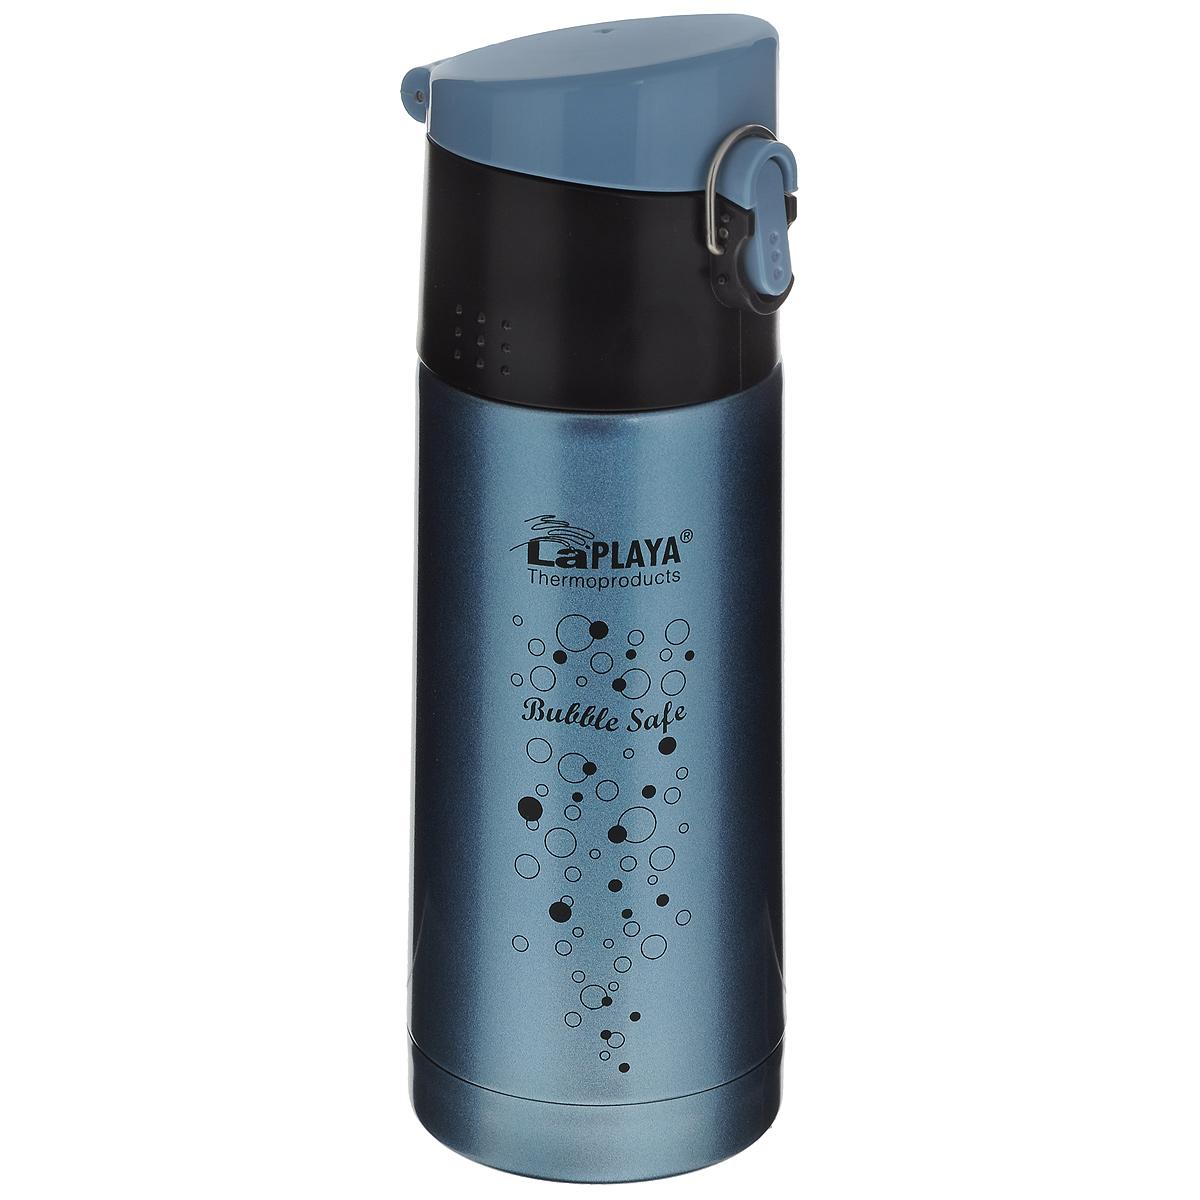 """Термос с узким горлом LaPlaya """"Bubble Safe"""", изготовленный из высококачественной нержавеющей стали 18/8, является простым в использовании, экономичным и многофункциональным. Термос с двухстеночной вакуумной изоляцией, предназначенный для хранения горячих и холодных напитков (чая, кофе), сохраняет их до 6 часов горячими и холодными в течении 12 часов. Идеально подойдет для прохладительных газированных напитков. Герметичная и гигиеничная пробка-крышка открывается одной рукой. При открывании стопор предотвращает резкий выход газов и расплескивание напитков. Термос удобно размещать в большинстве автомобильных держателей. Легкий и прочный термос LaPlaya """"Bubble Safe"""" сохранит ваши напитки горячими или холодными надолго.Высота: 20,5 см.Диаметр горлышка: 4,5 см."""